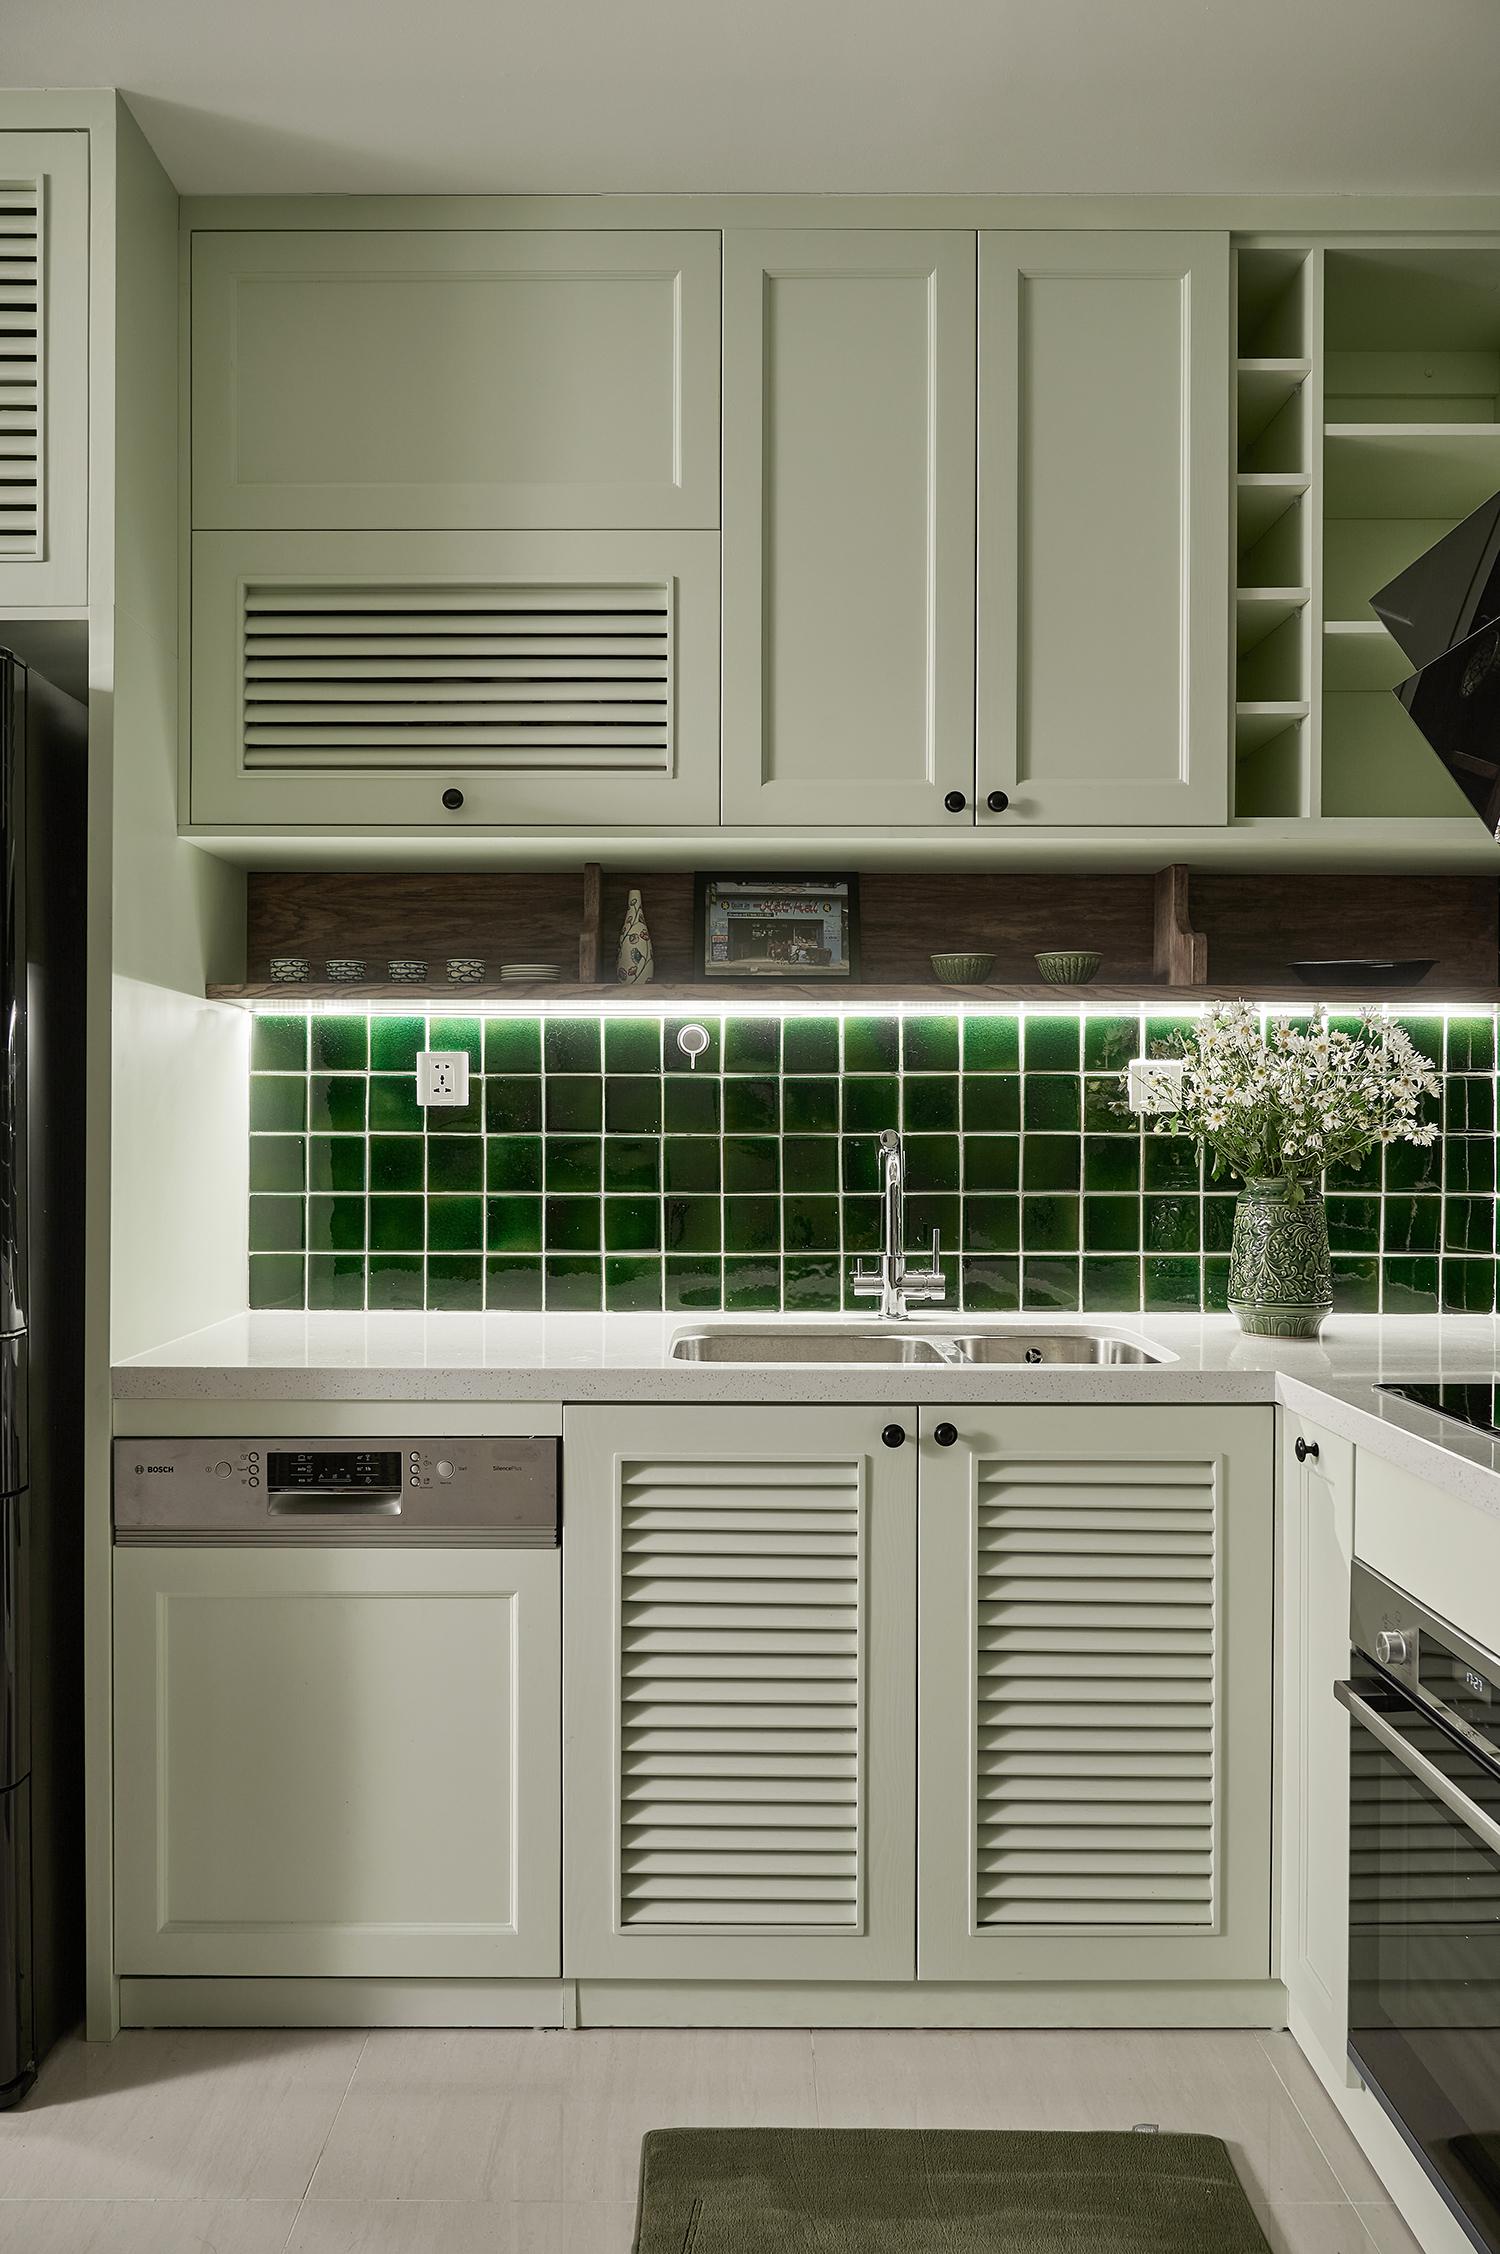 Mê mẩn căn hộ 55m2 màu xanh lá cho gia chủ thích hoài cổ